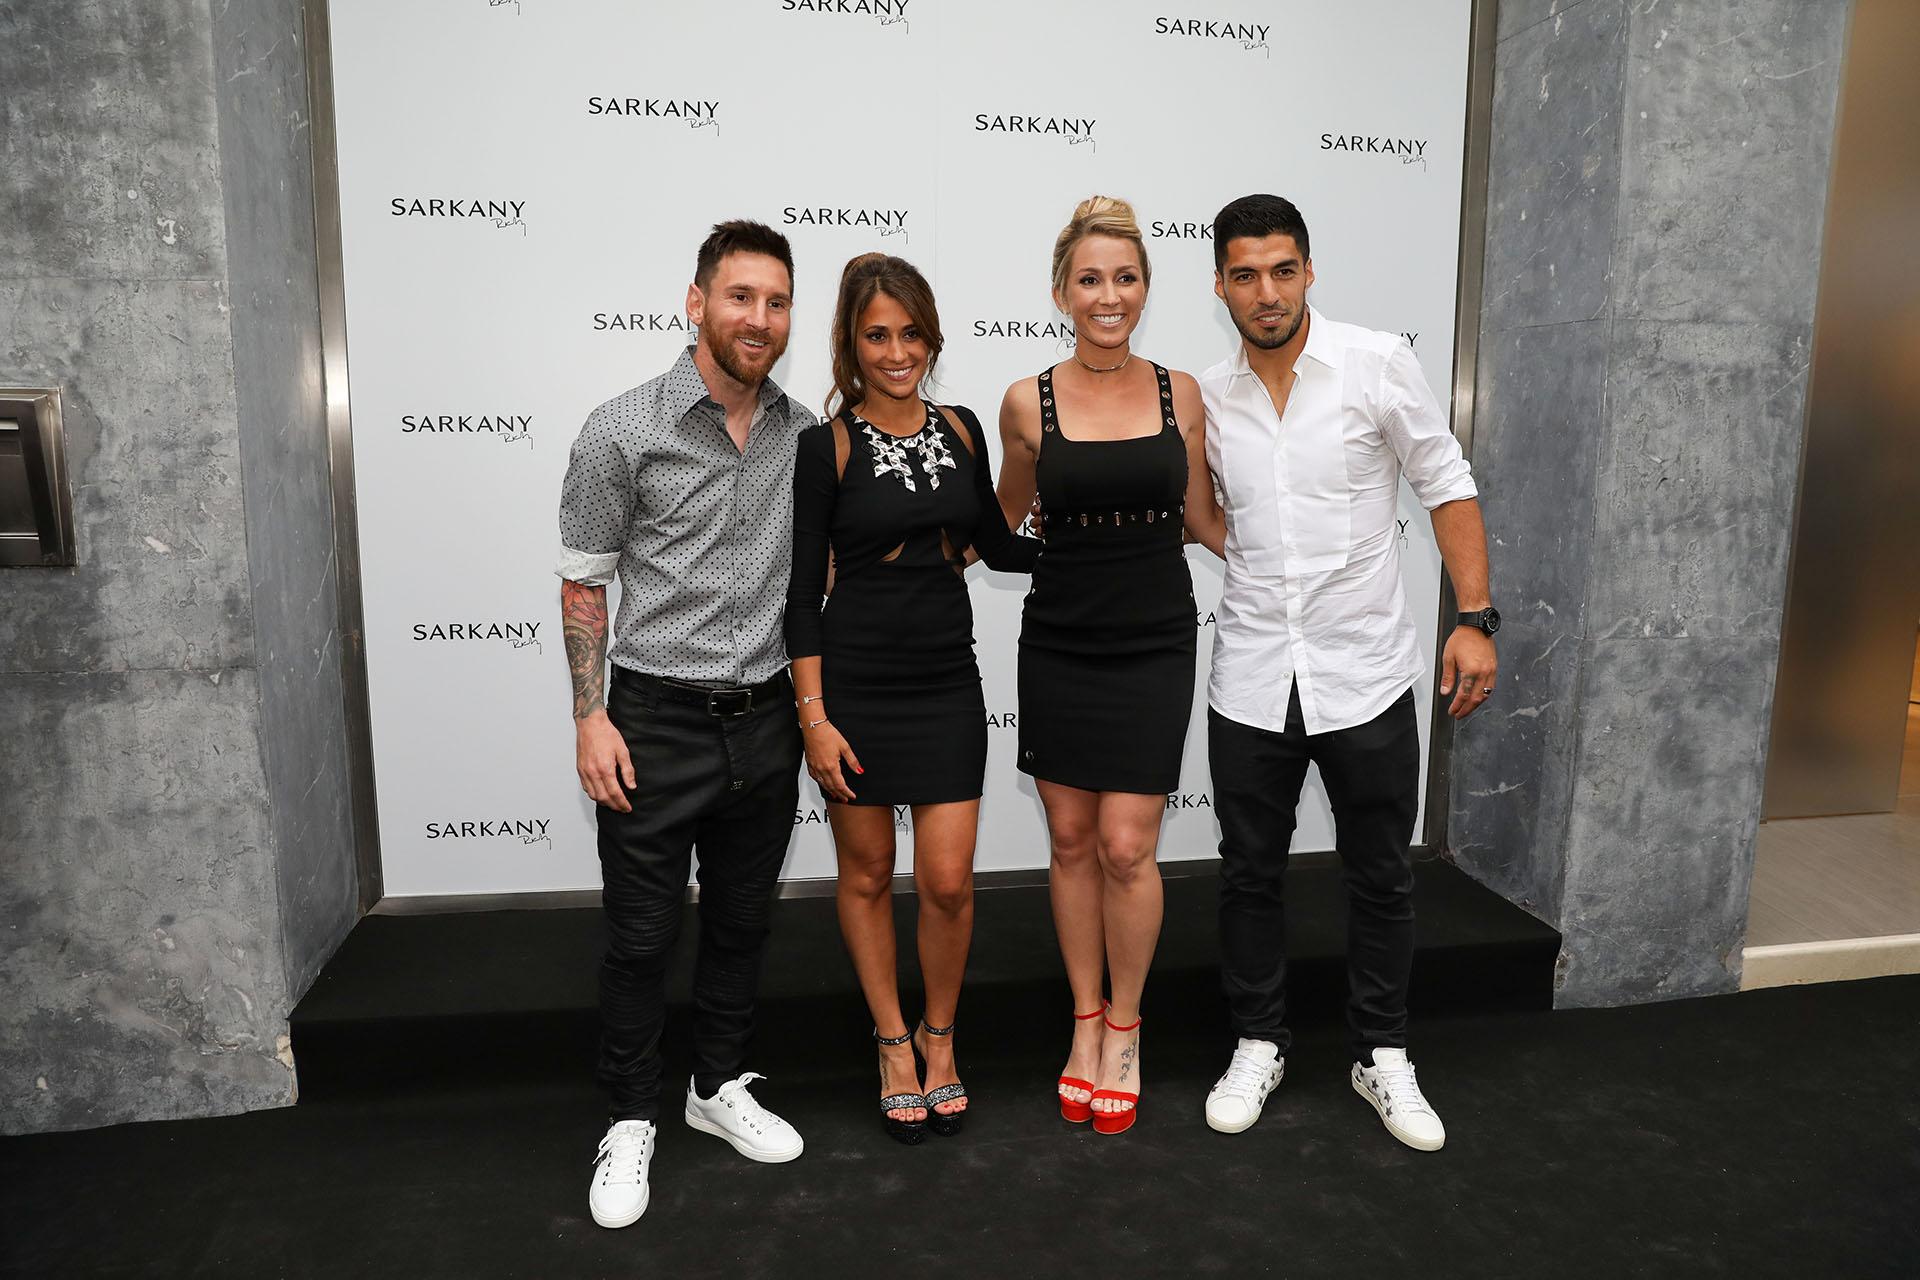 En la inauguración de Sarkany en Barcelona, Antonela y Sofía Balbi fueron acompañadas por sus maridos, Messi y Suárez, dos ídolos del club Barcelona (mayo 2017)